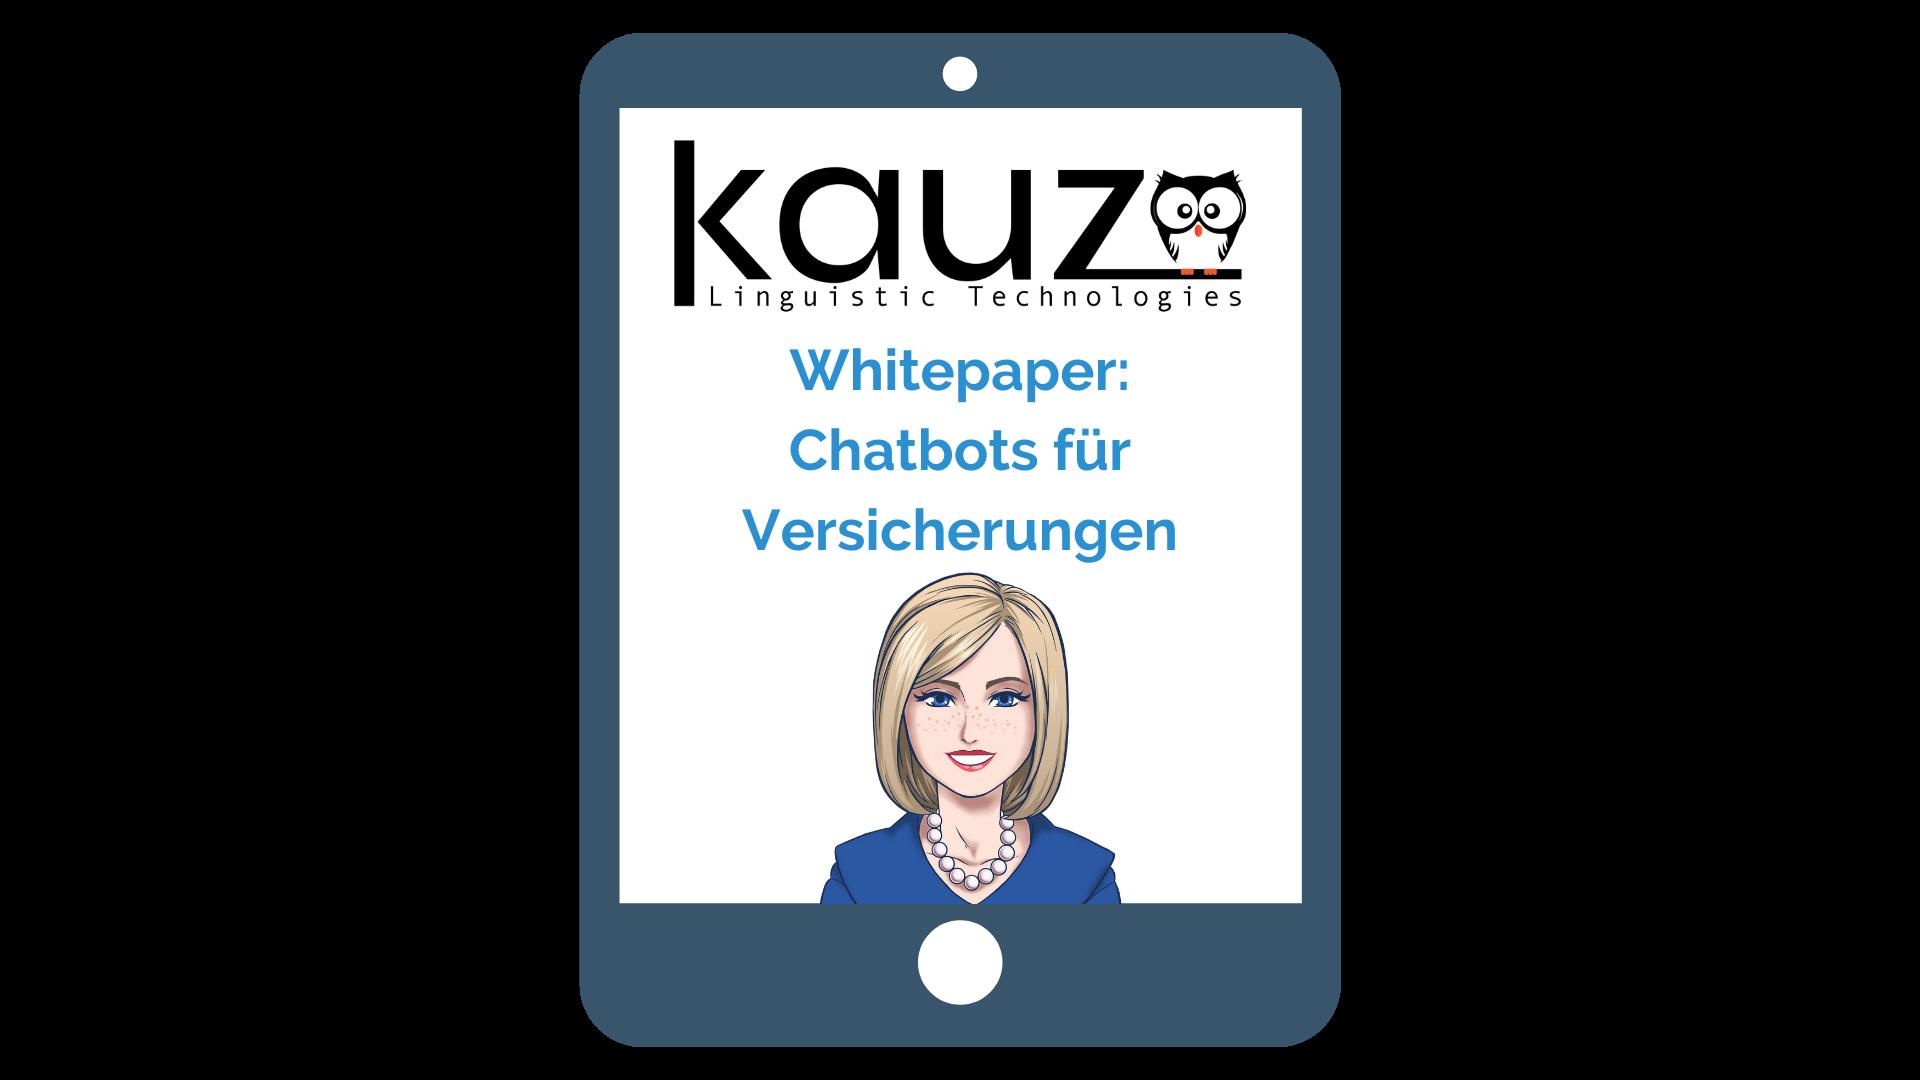 Whitepaper Chatbots für Versicherungen